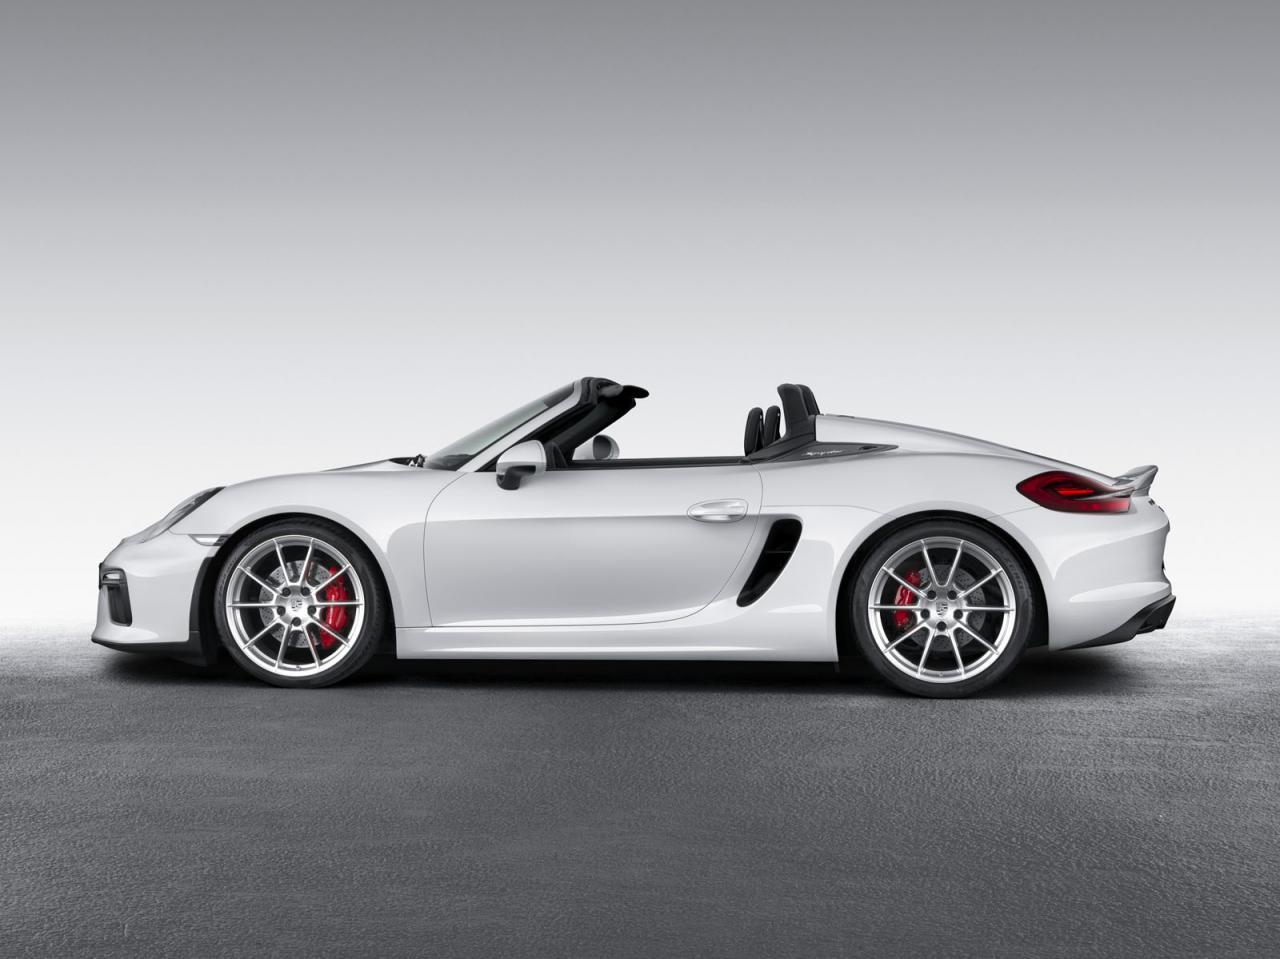 Porsche Boxster Spyder, información y datos del Boxster más radical 2